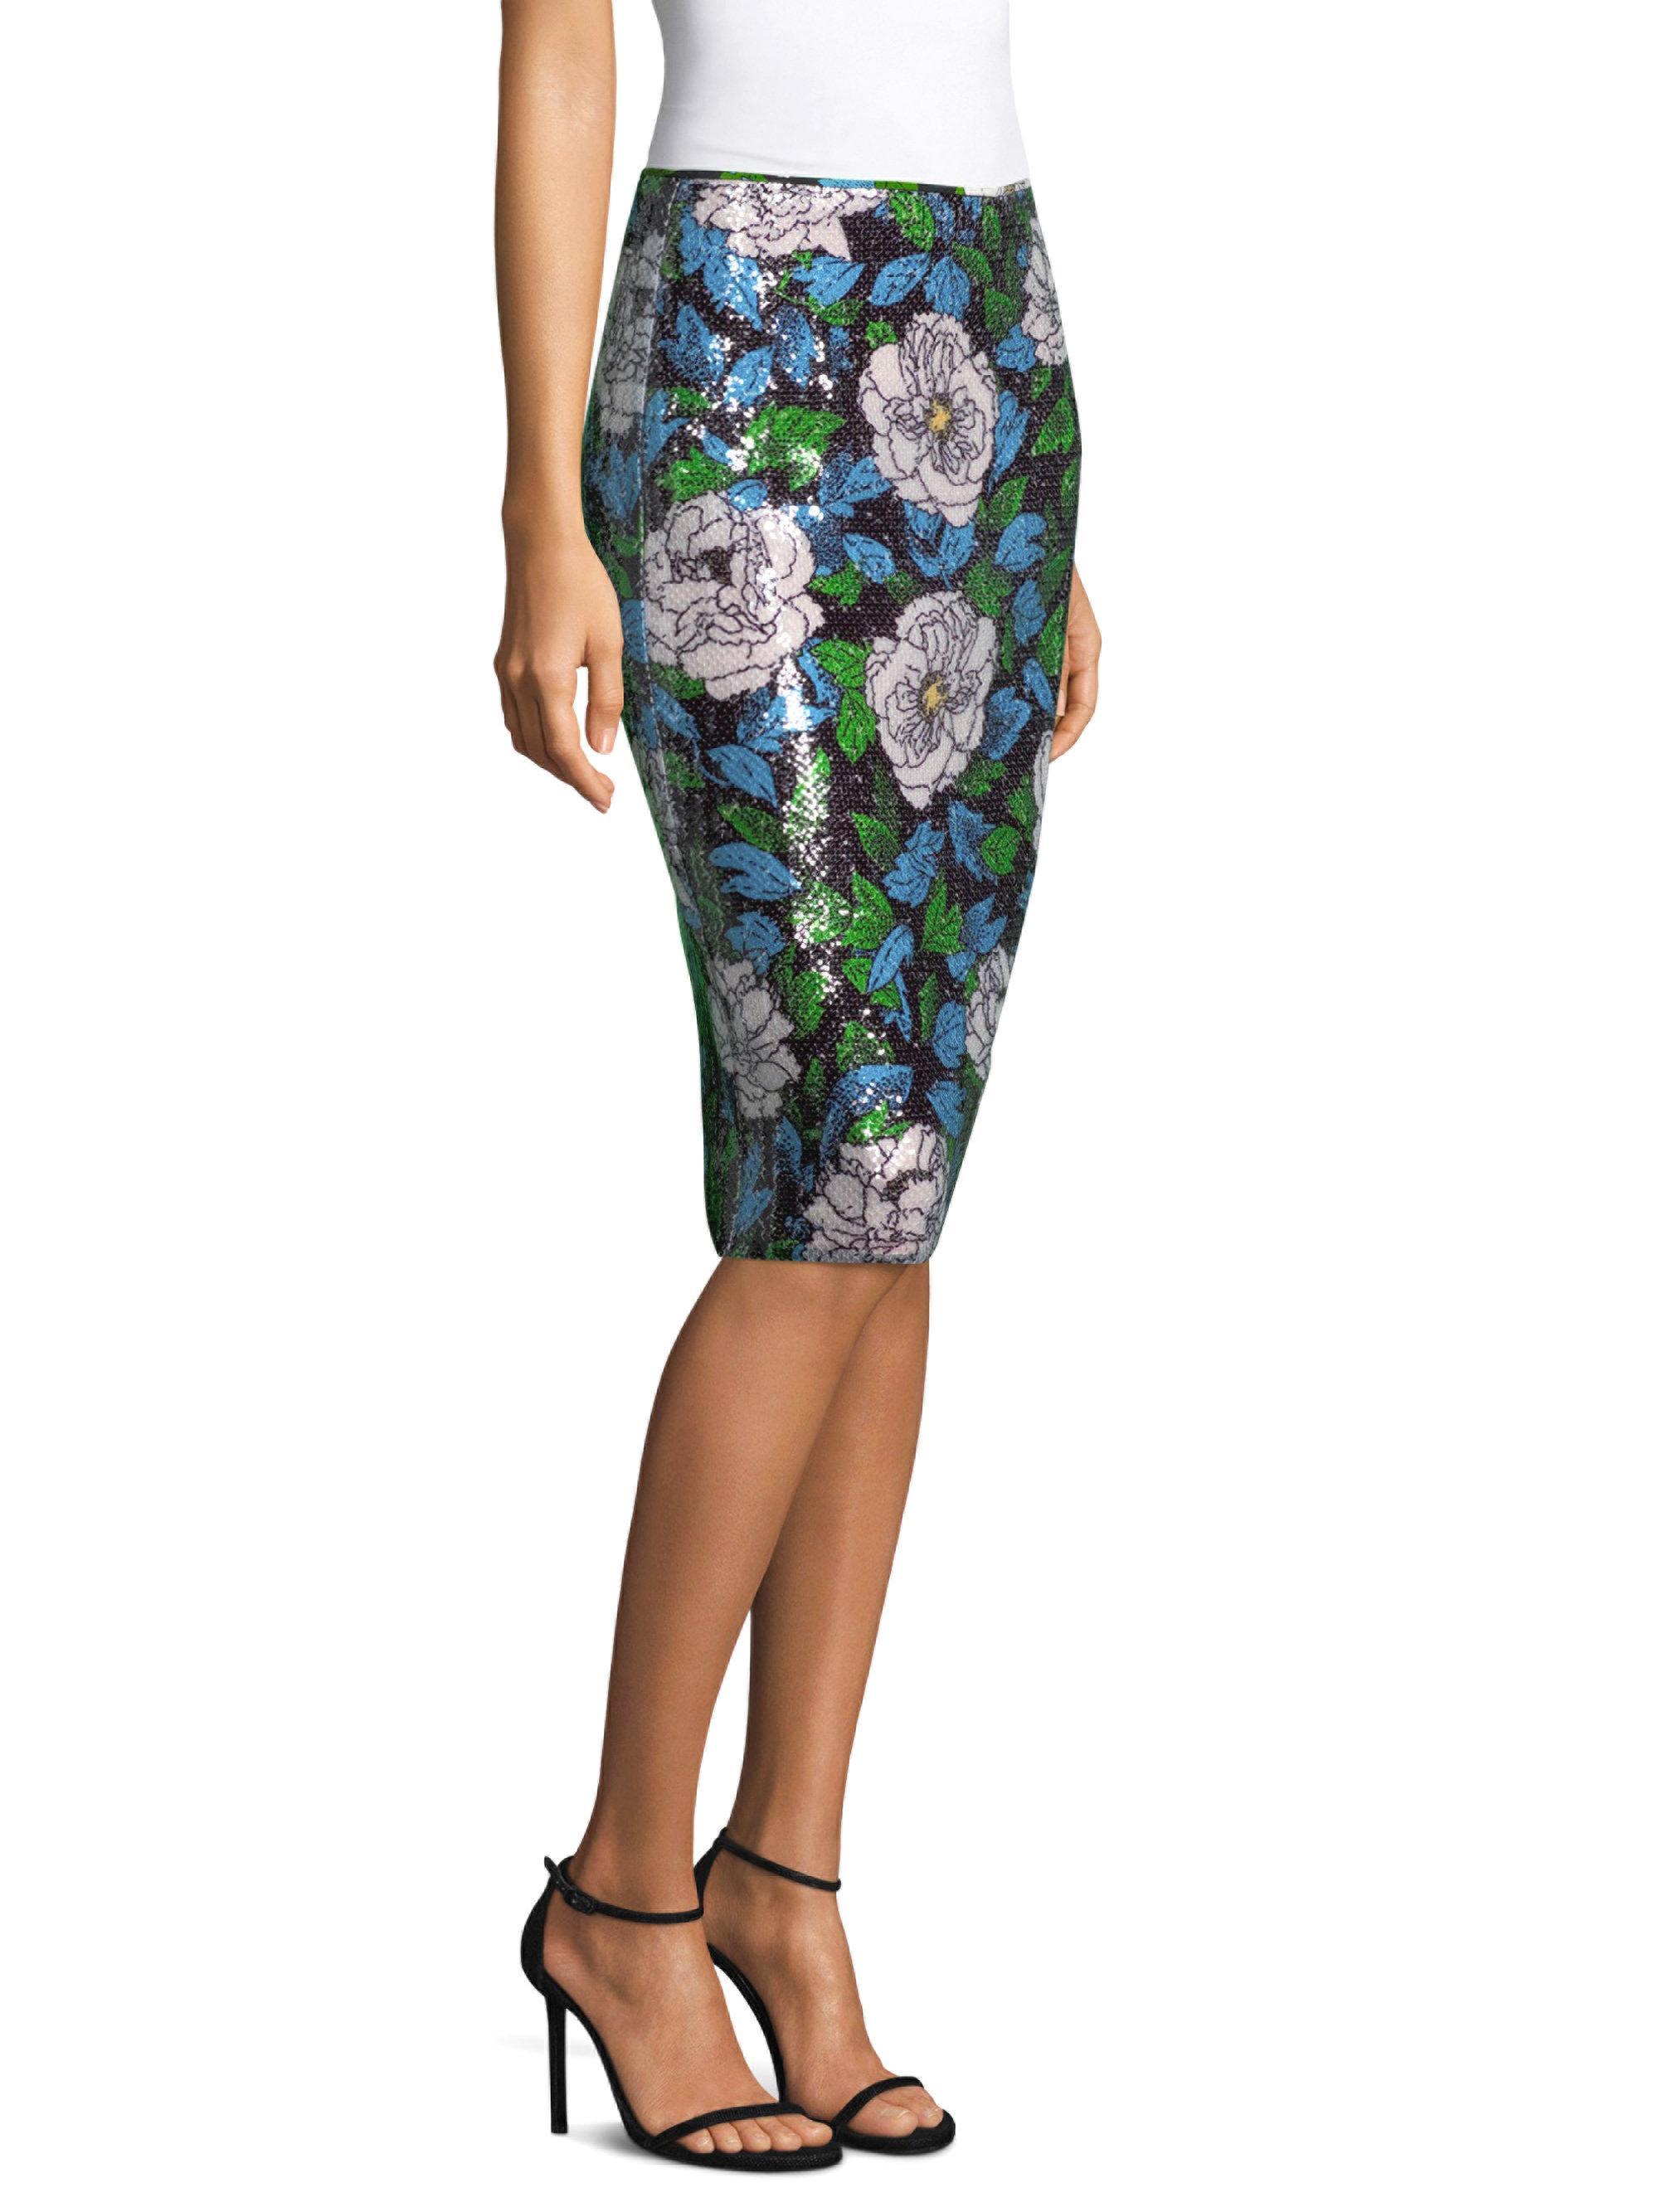 dd924fd54 Diane von Furstenberg Sequin Pencil Skirt in Blue - Lyst